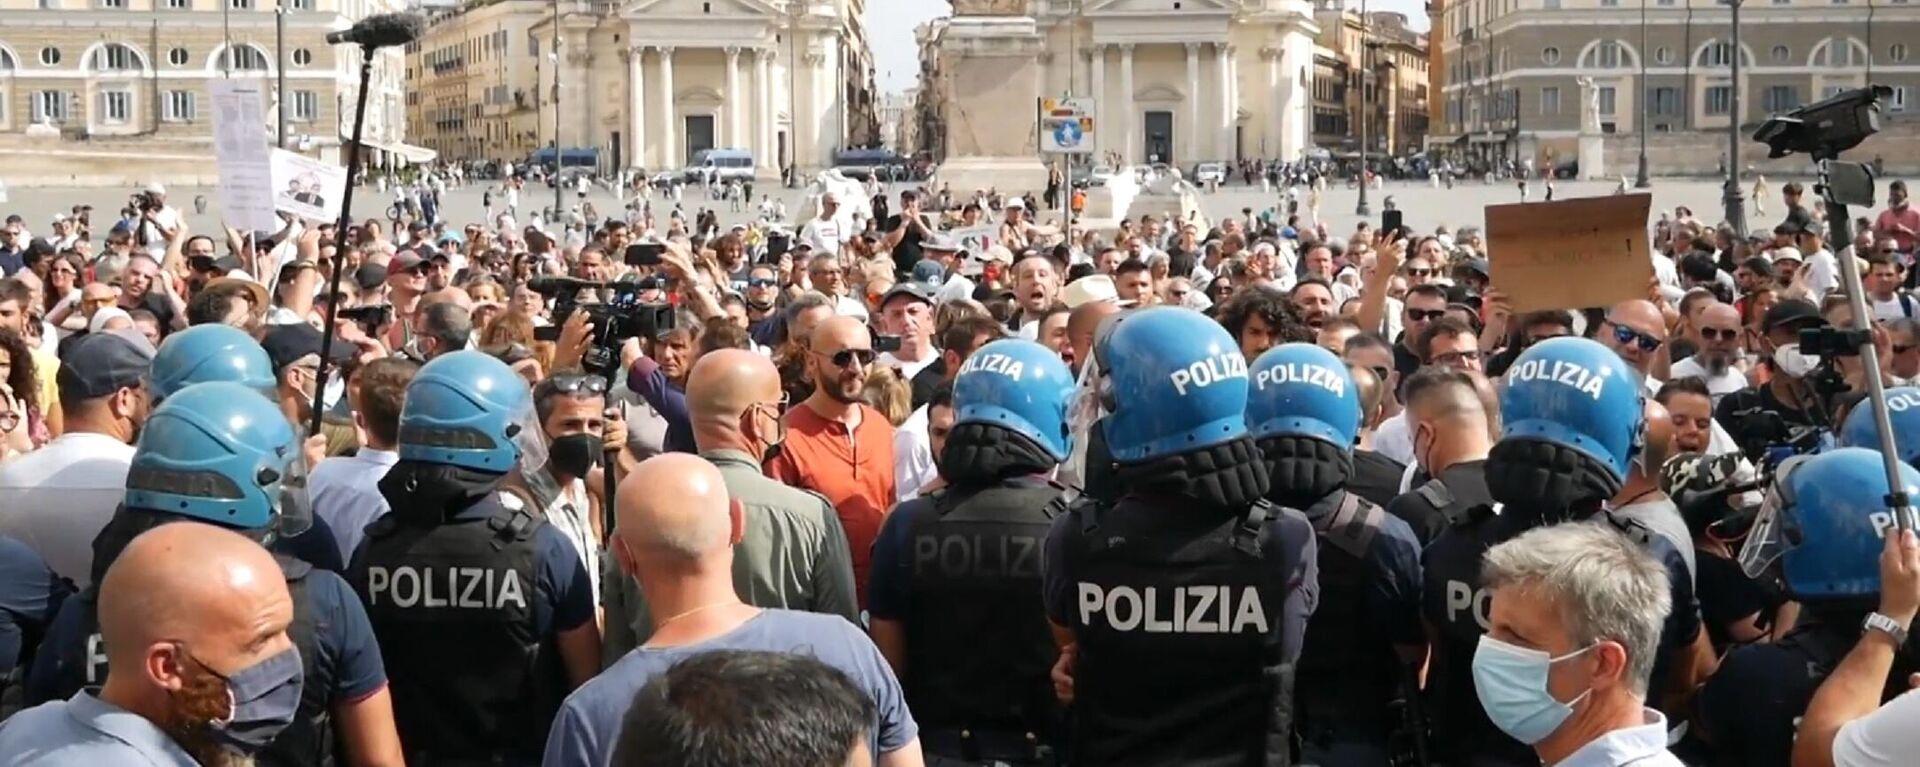 """""""No Green Pass"""", centinaia di dimostranti in Piazza del Popolo in manifestazione organizzata da IoApro - Sputnik Italia, 1920, 28.07.2021"""